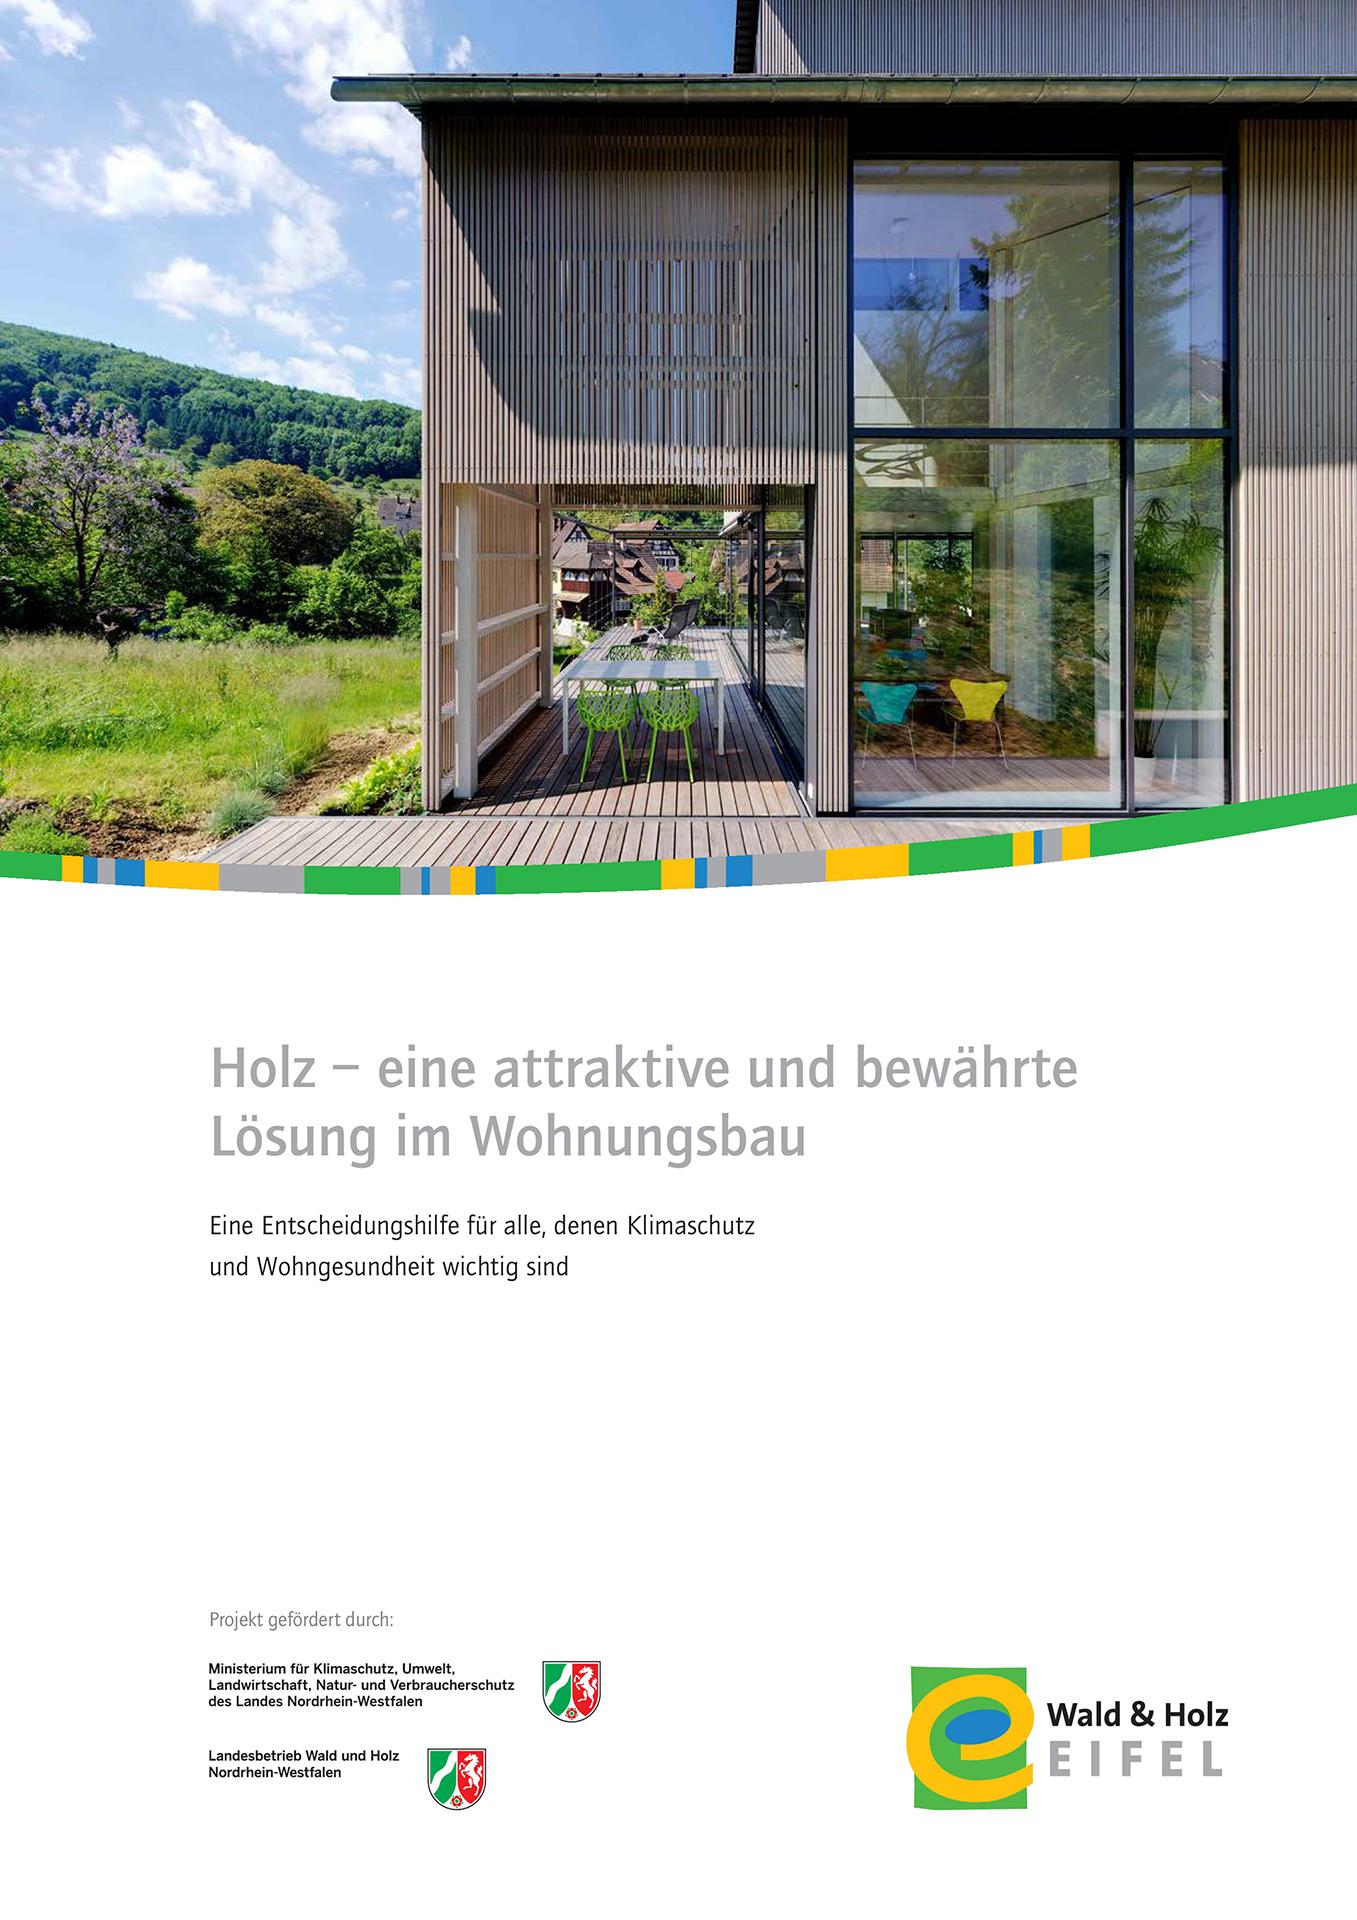 Holz - eine attraktive und bewährte Lösung im Wohnungsbau